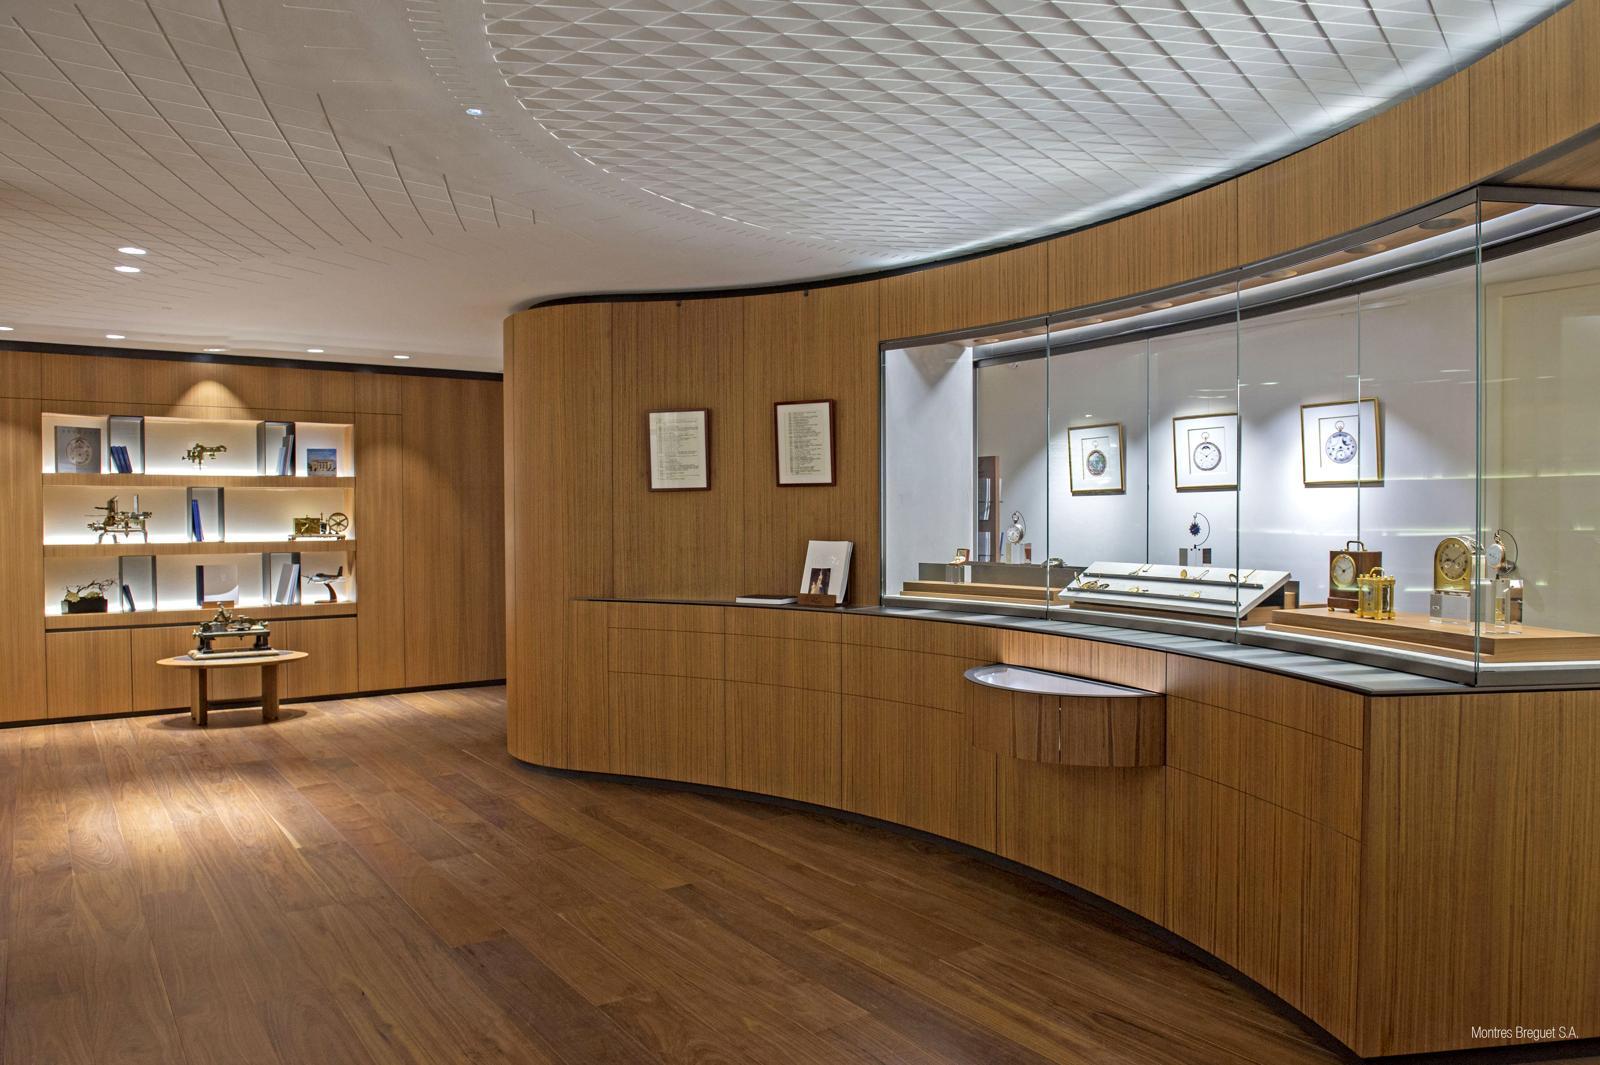 Breguet Paris Museum